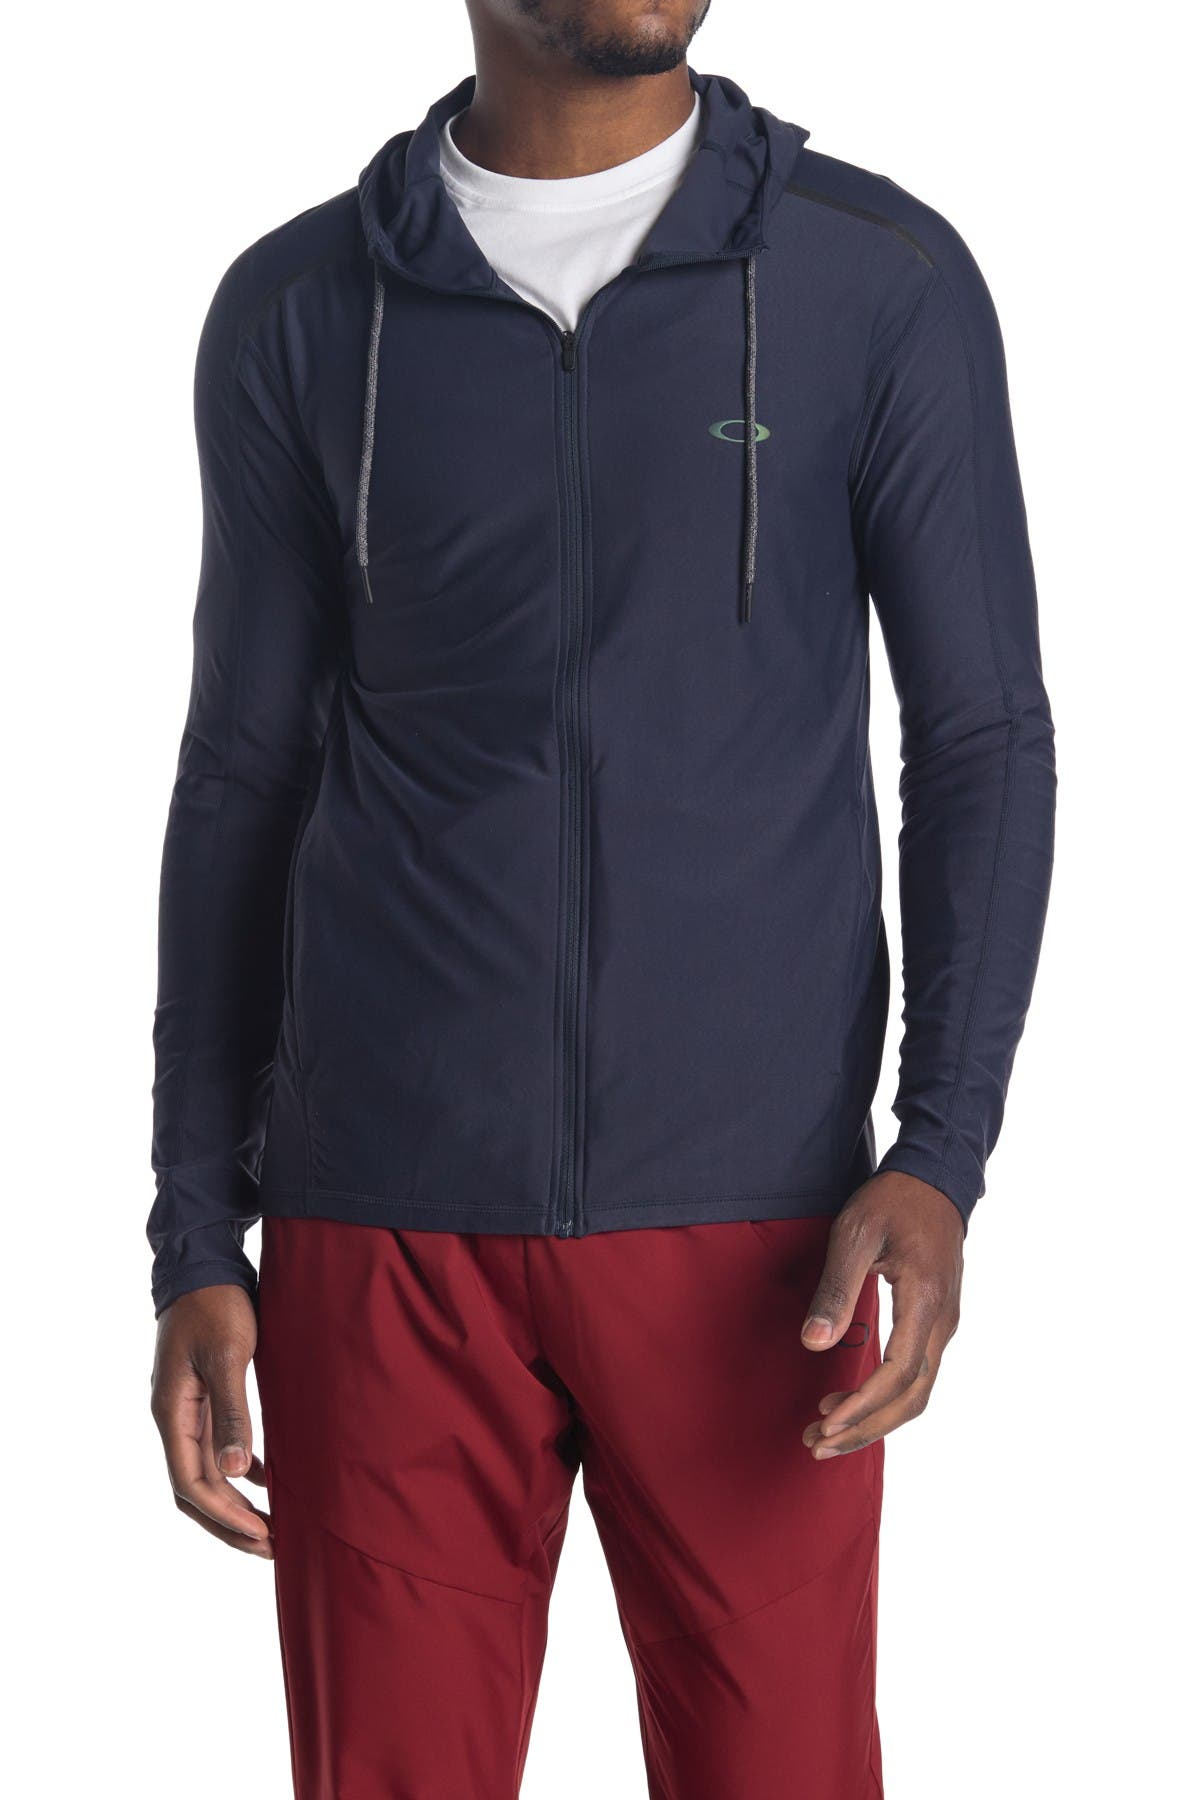 Image of Oakley Baselayer Zip Up Jacket